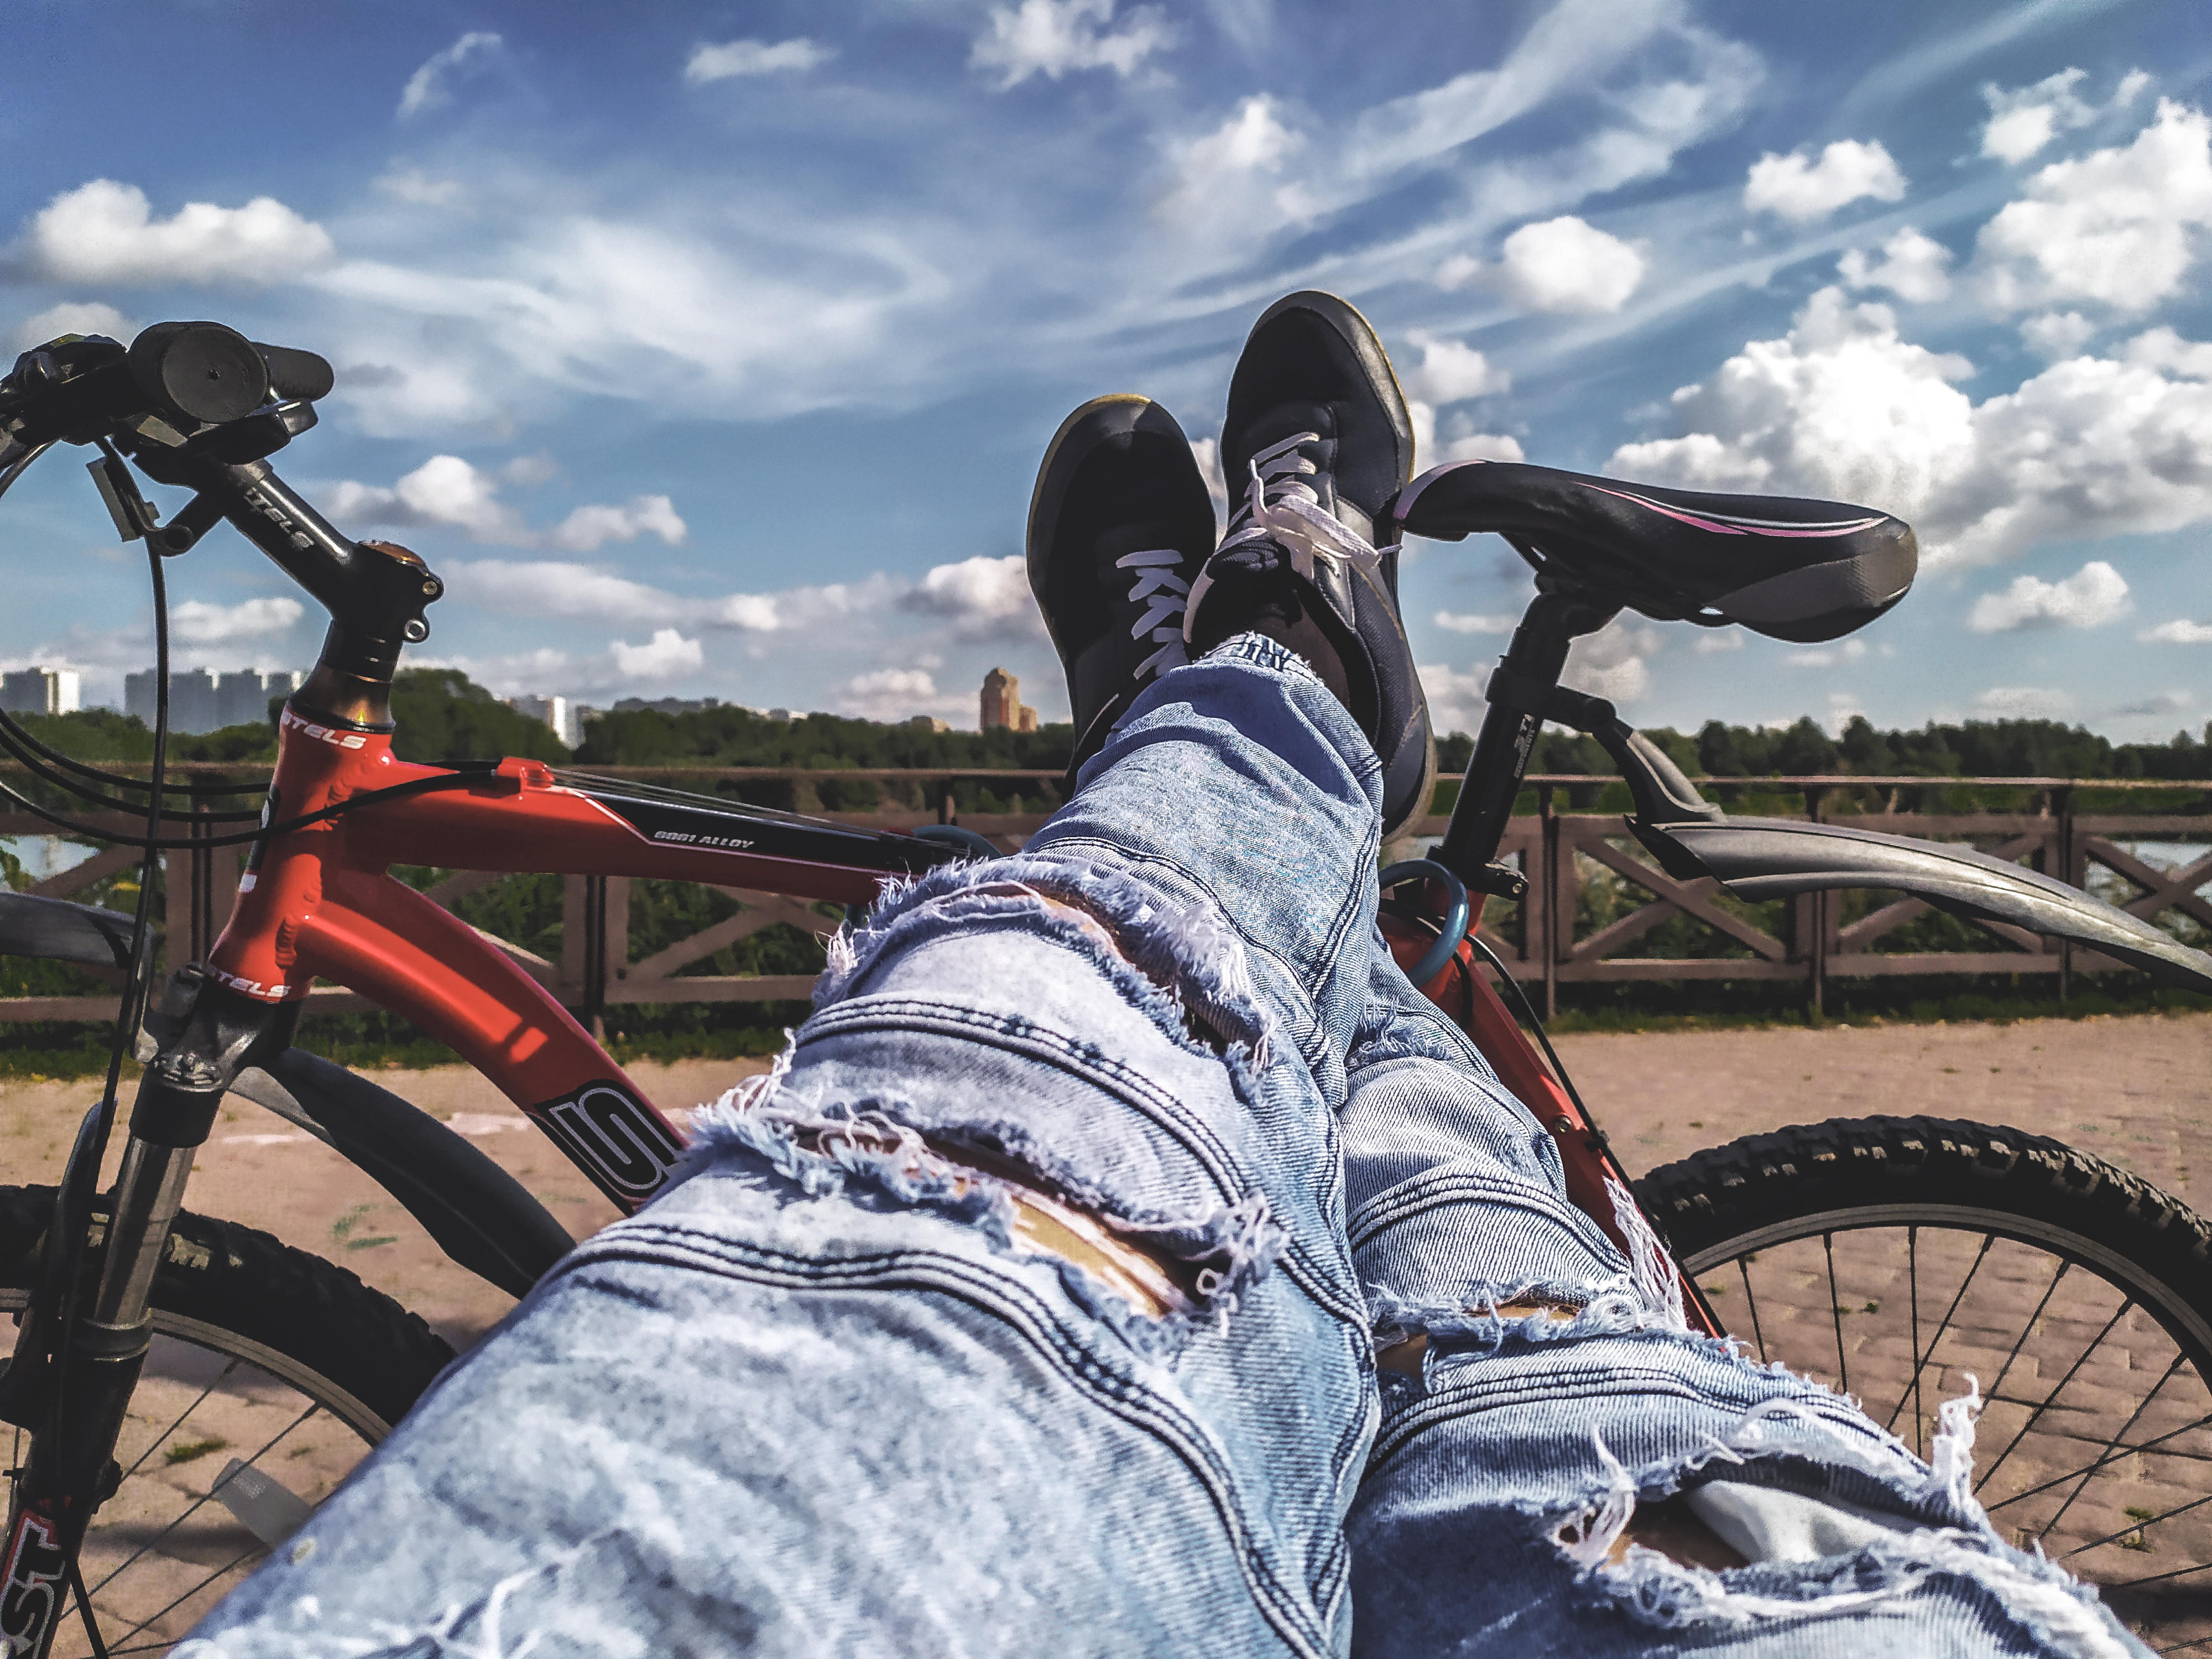 Мой выбор велосипеда. Впечатления после 8 лет использования